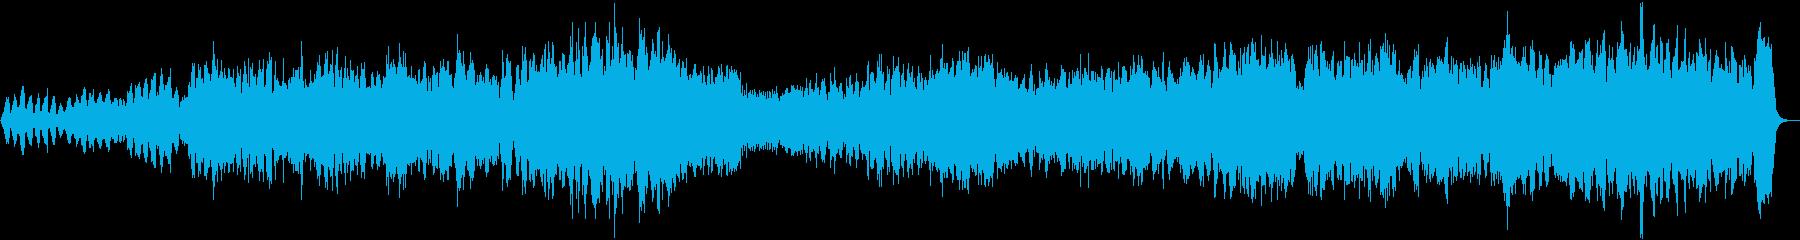 パッヘルベルのカノン/J.パッヘルベルの再生済みの波形